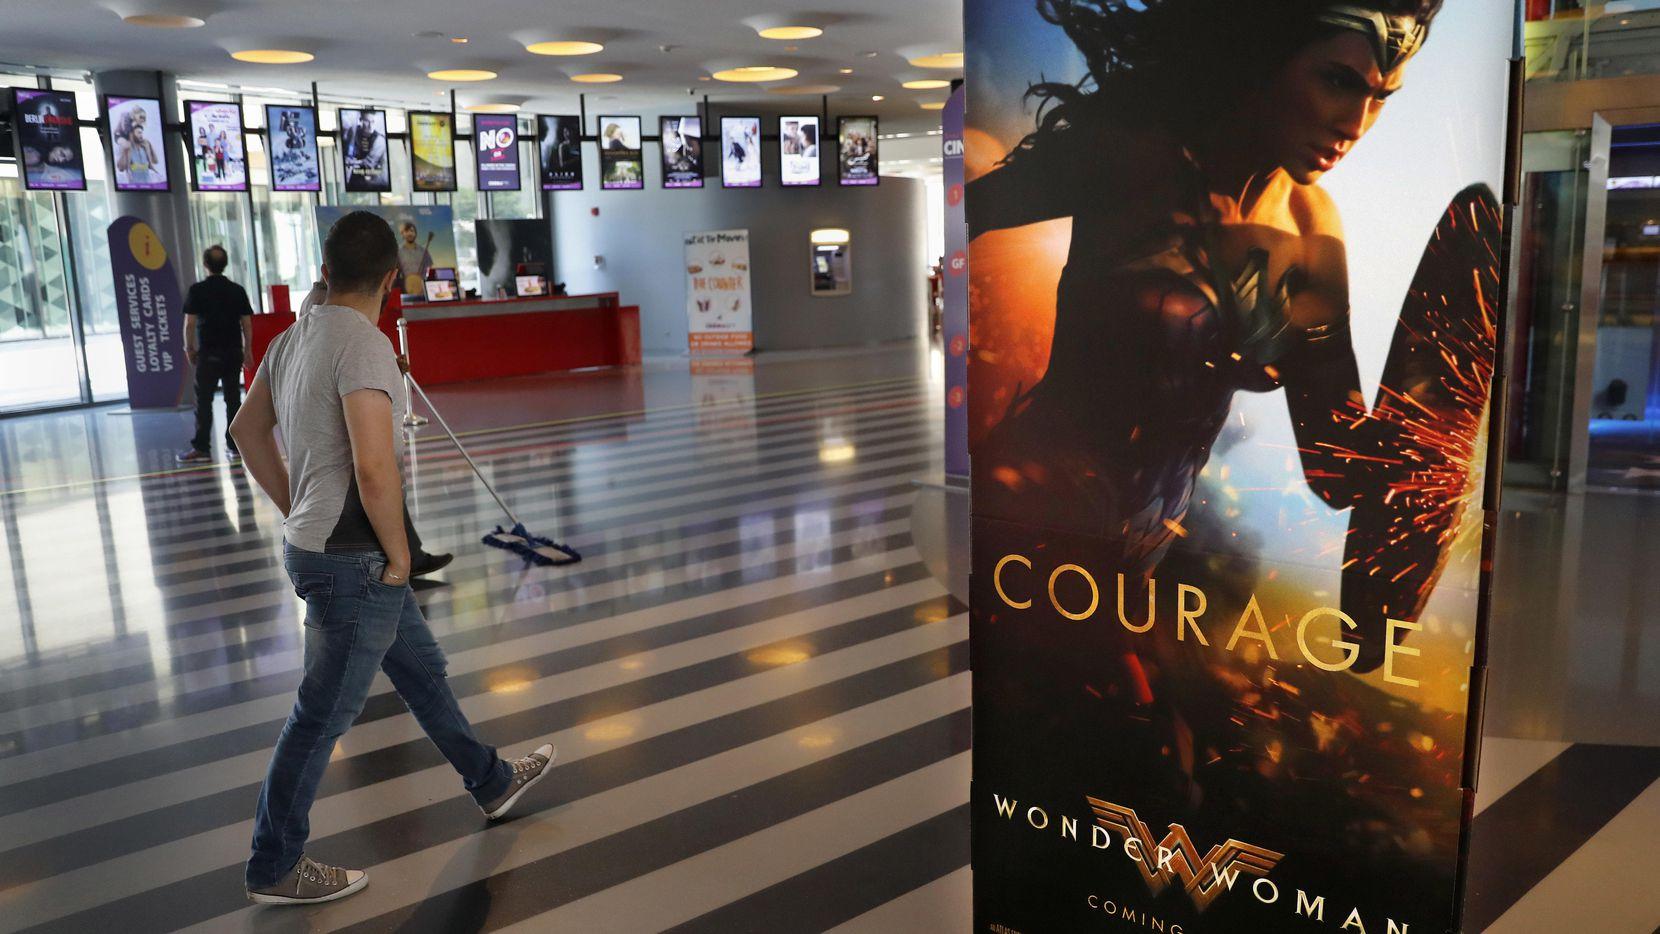 """Un hombre pasa junto a un poster promocional de la película """"Wonder Woman"""" (""""Mujer Maravilla"""") en un cine en el centro de Beirut, Líbano. (AP/HUSSEIN MALLA)"""